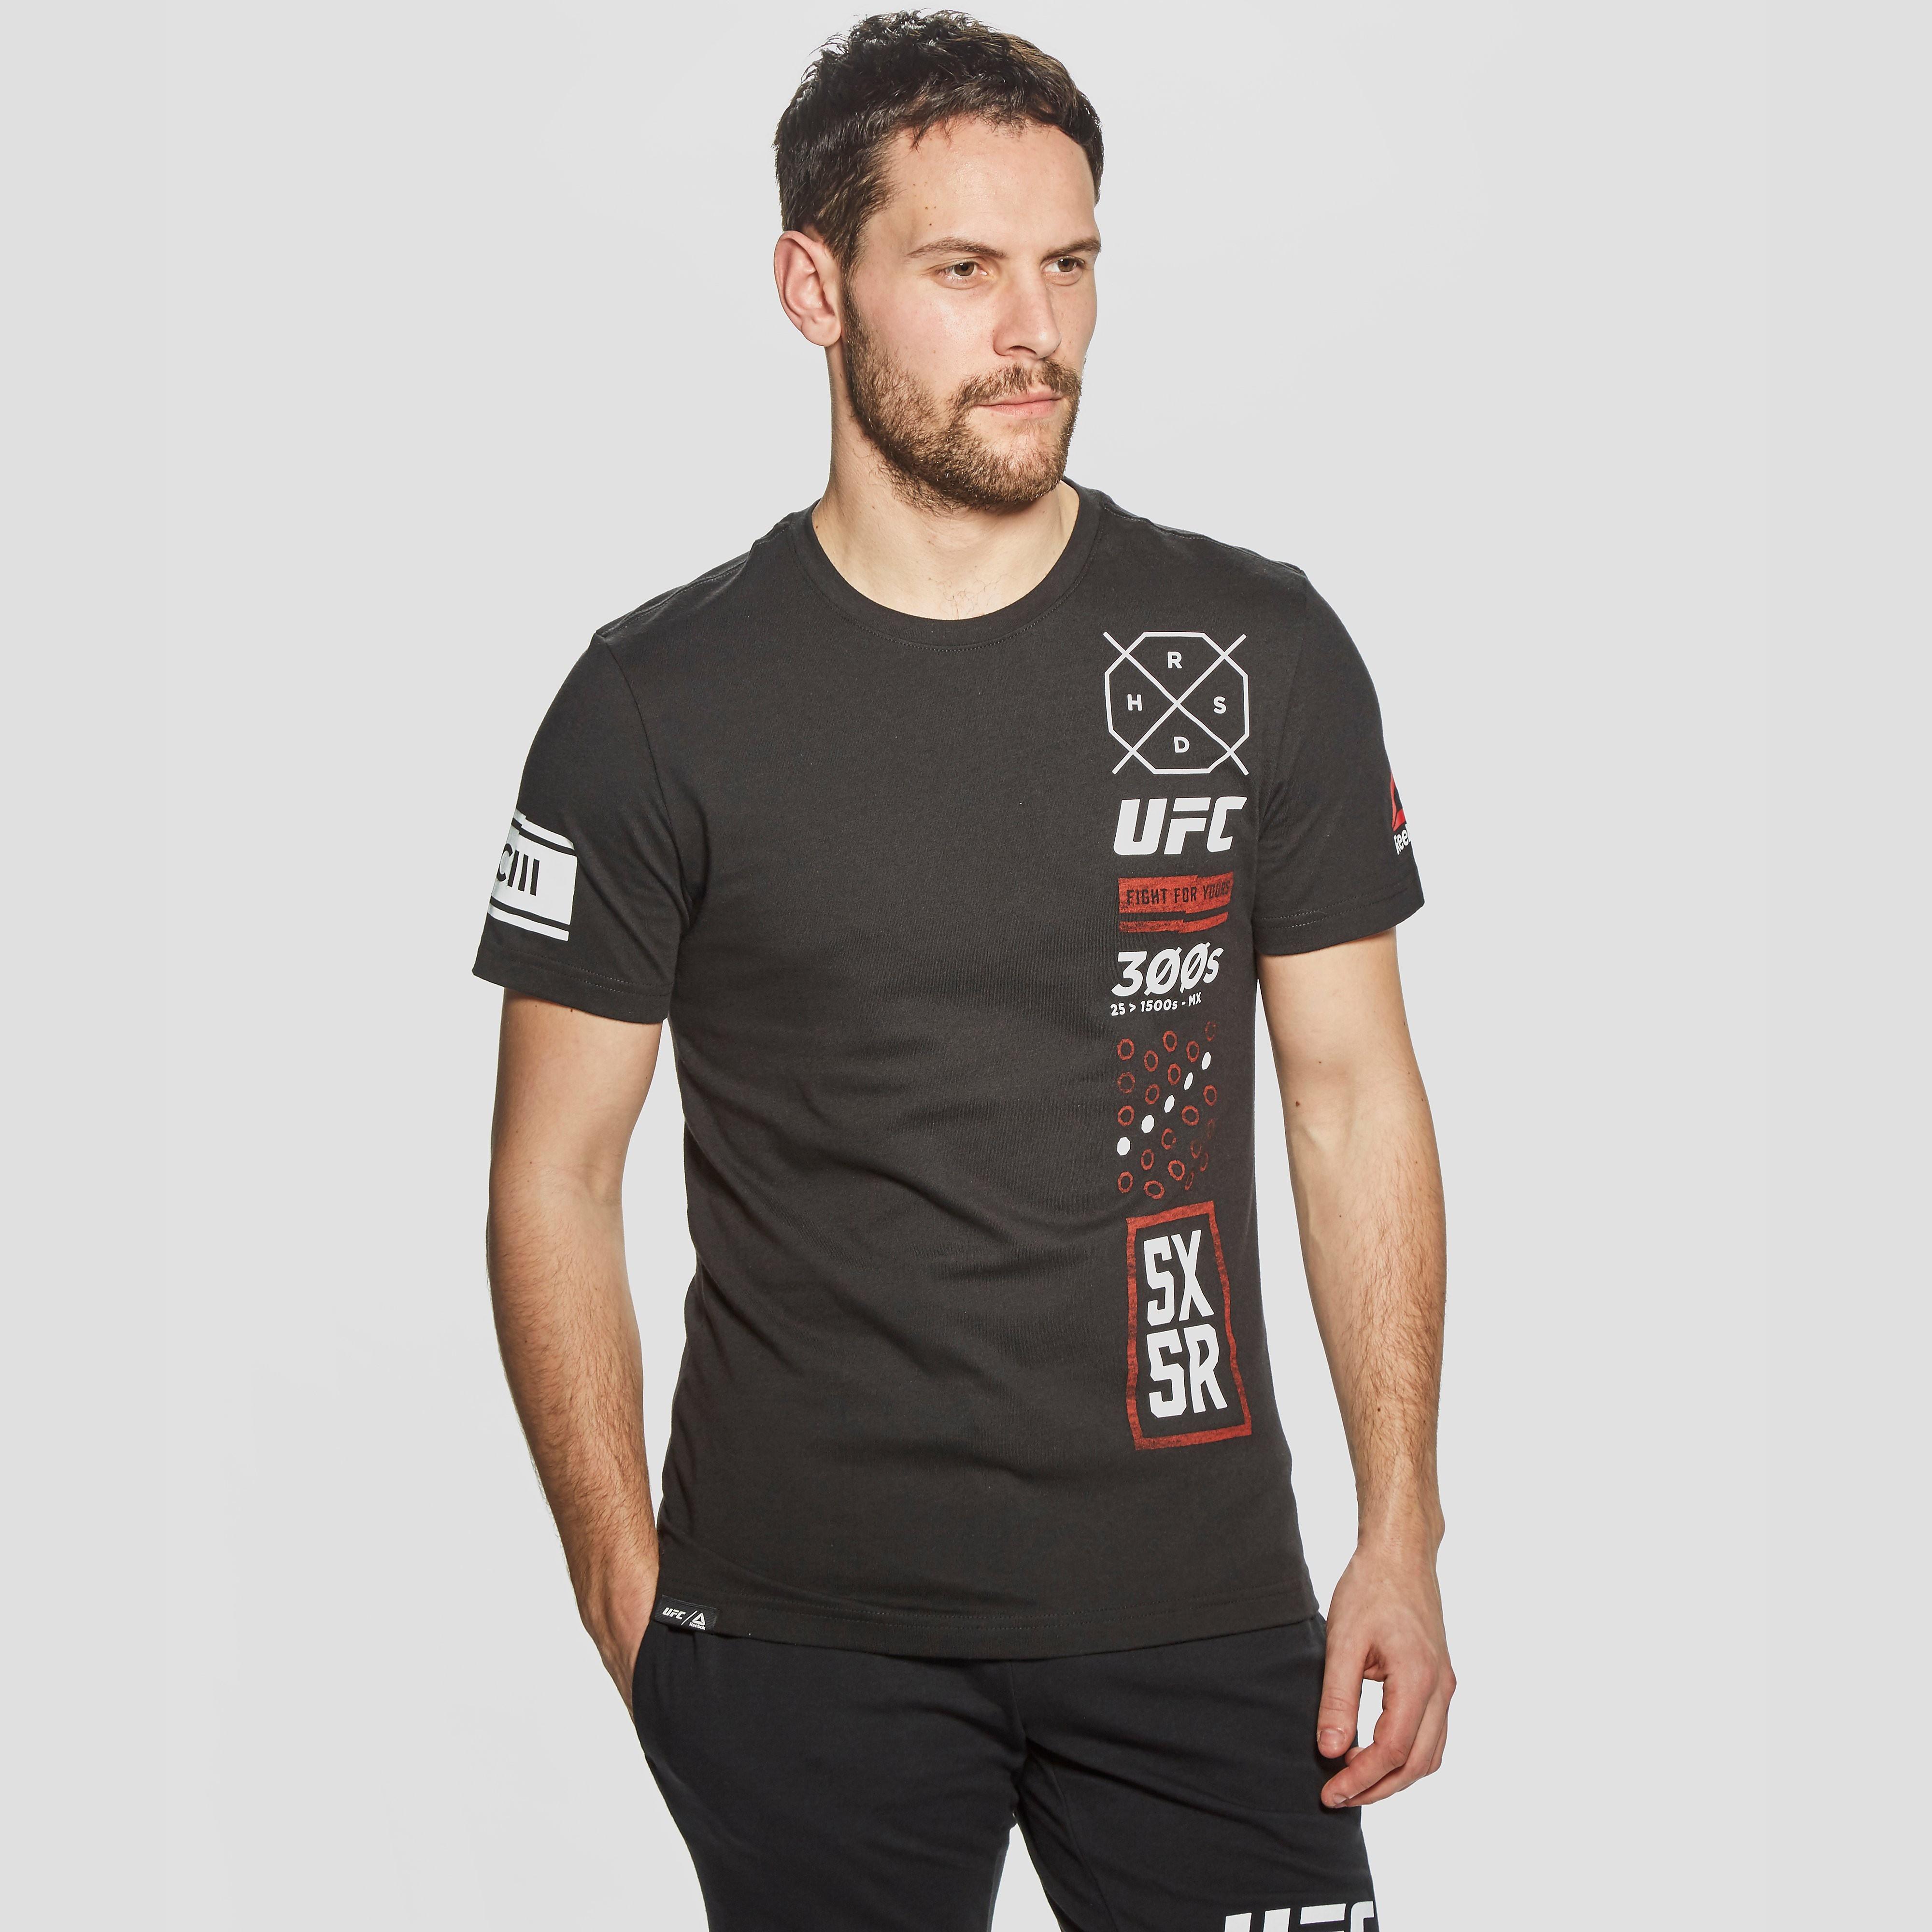 Reebok UFC Ultimate Fan 5X5R Men's T-Shirt